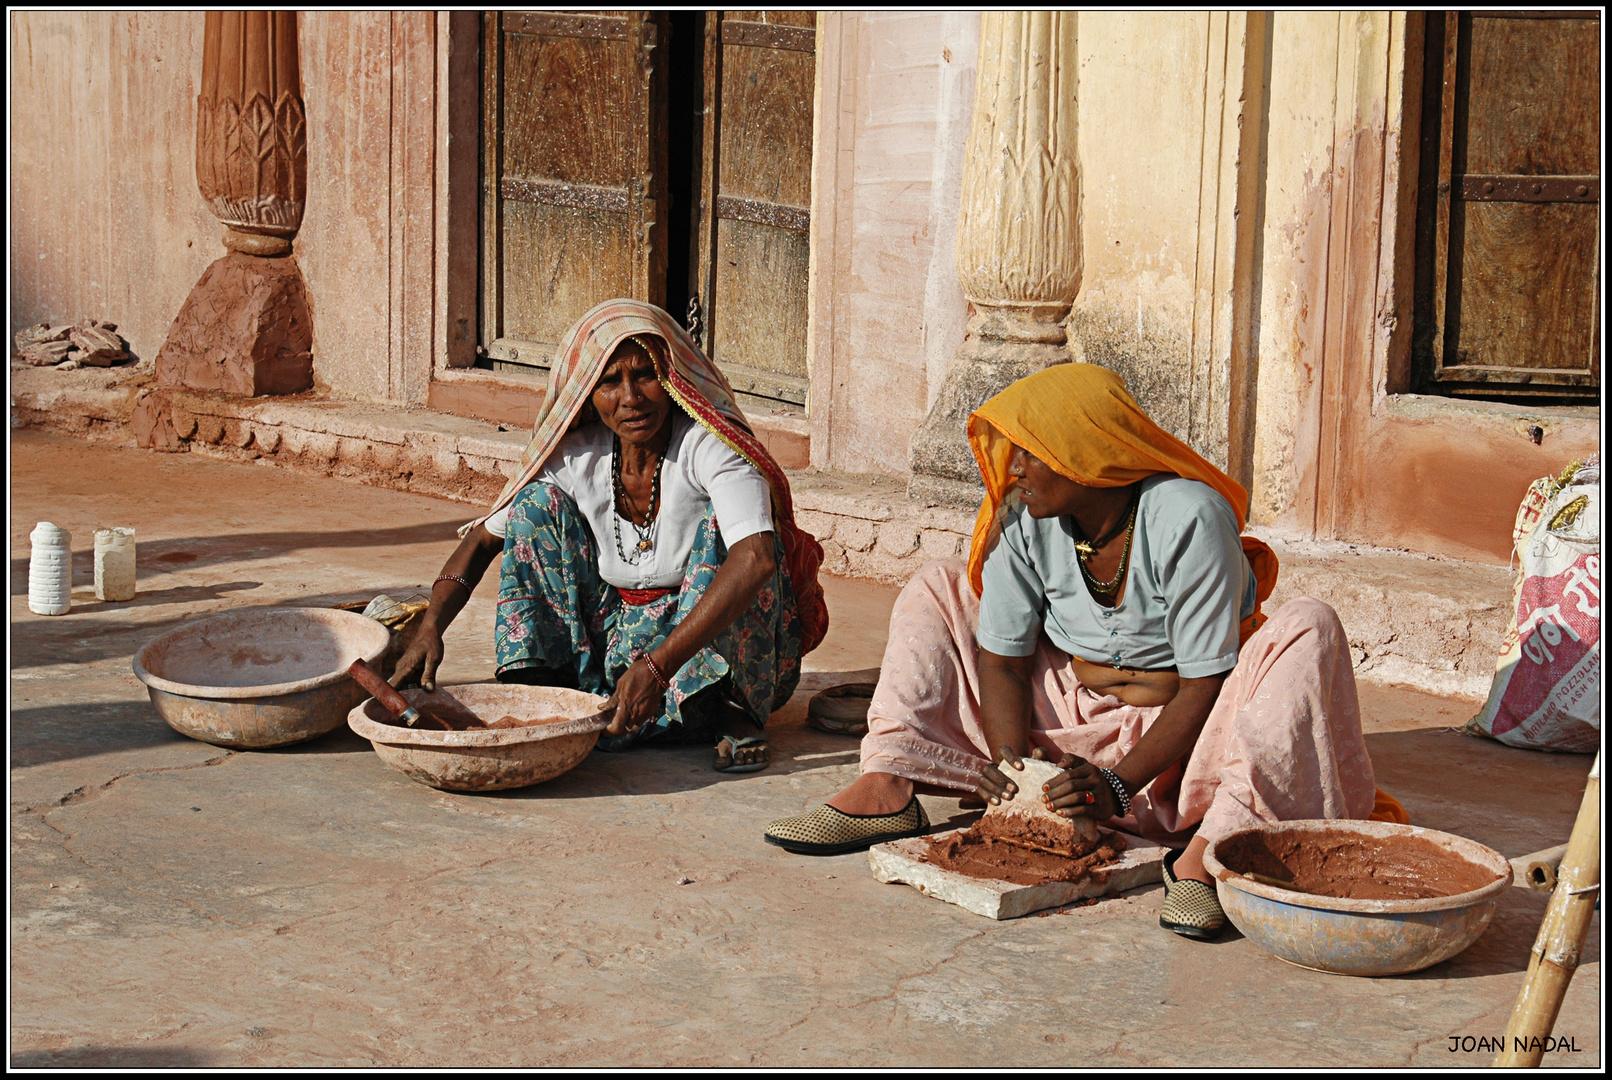 Obreras en India